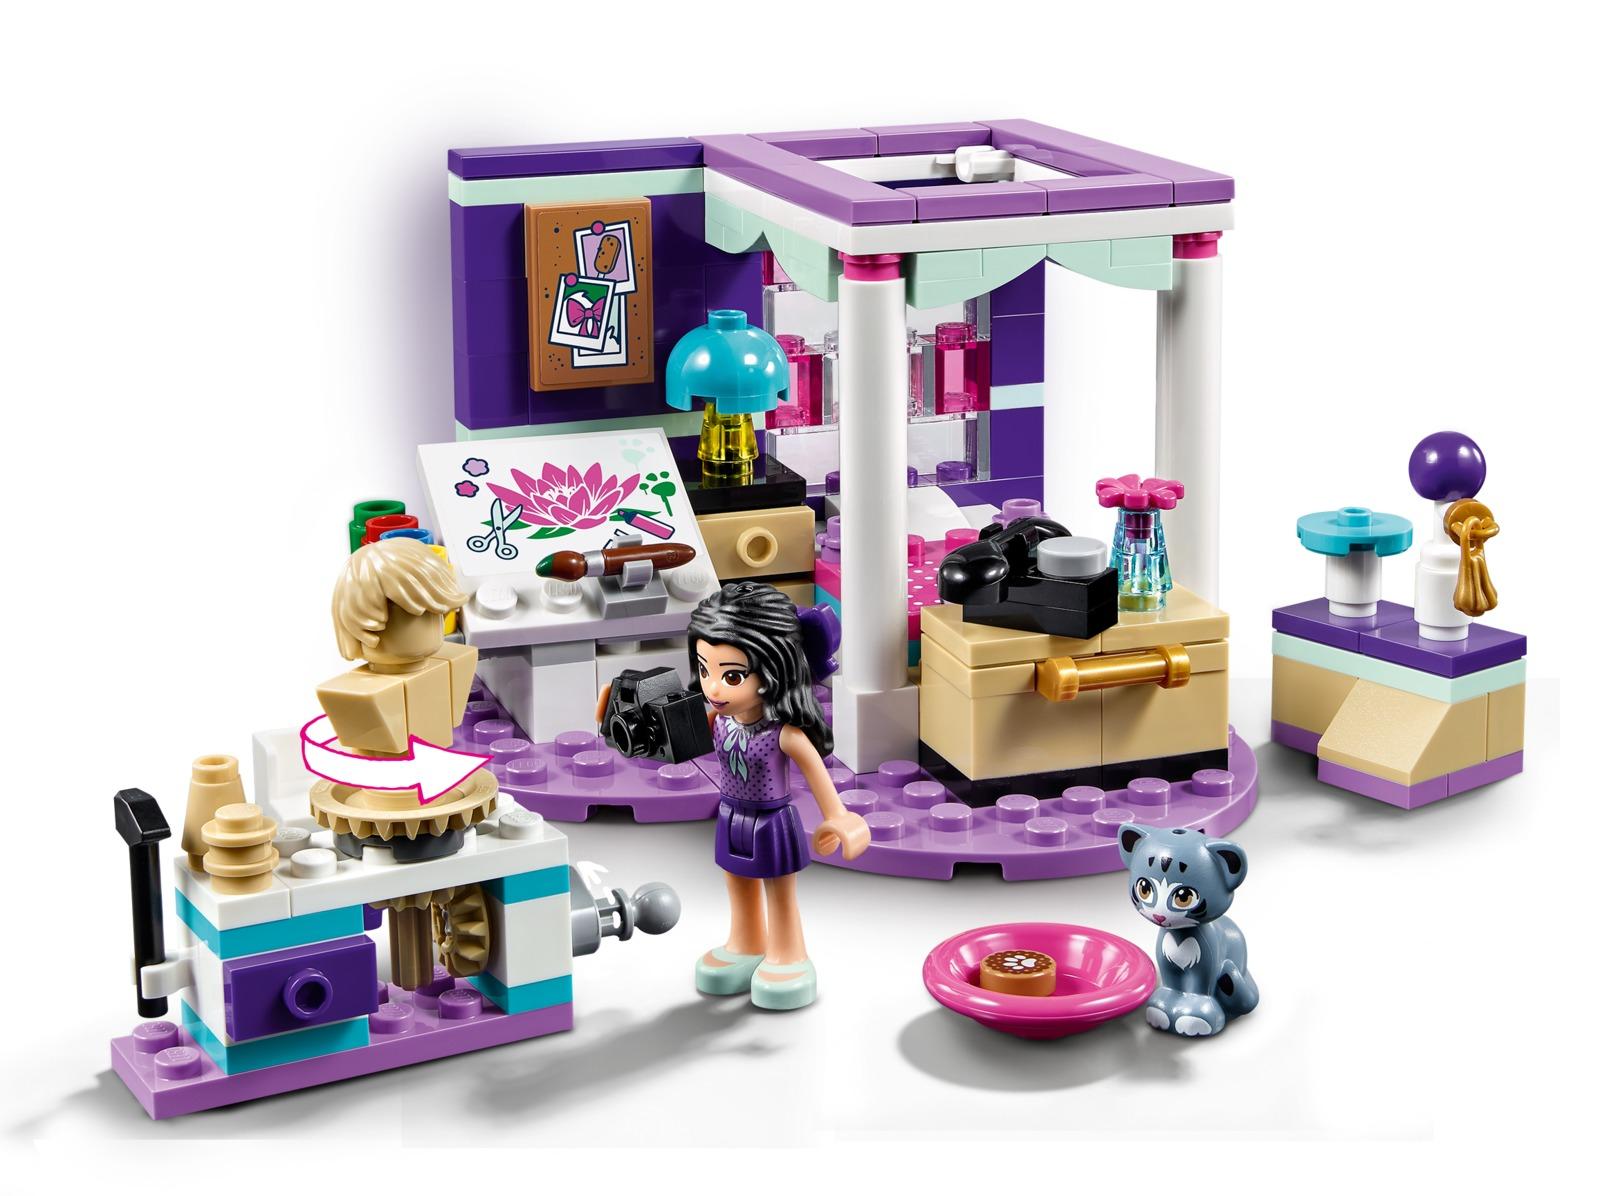 LEGO Friends - Emma's Deluxe Bedroom (41342) image